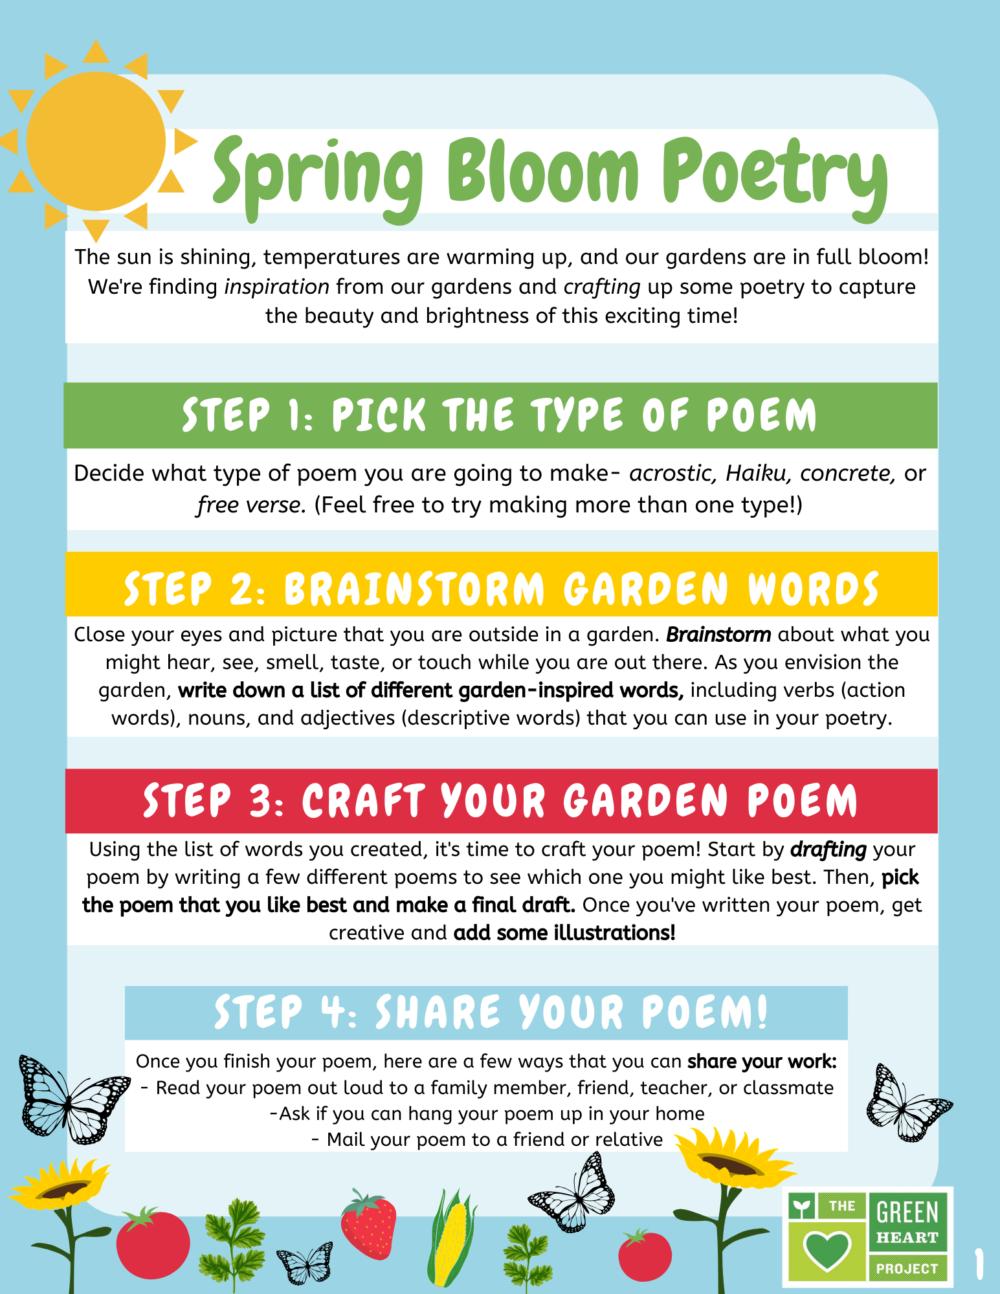 Spring Bloom Poetry